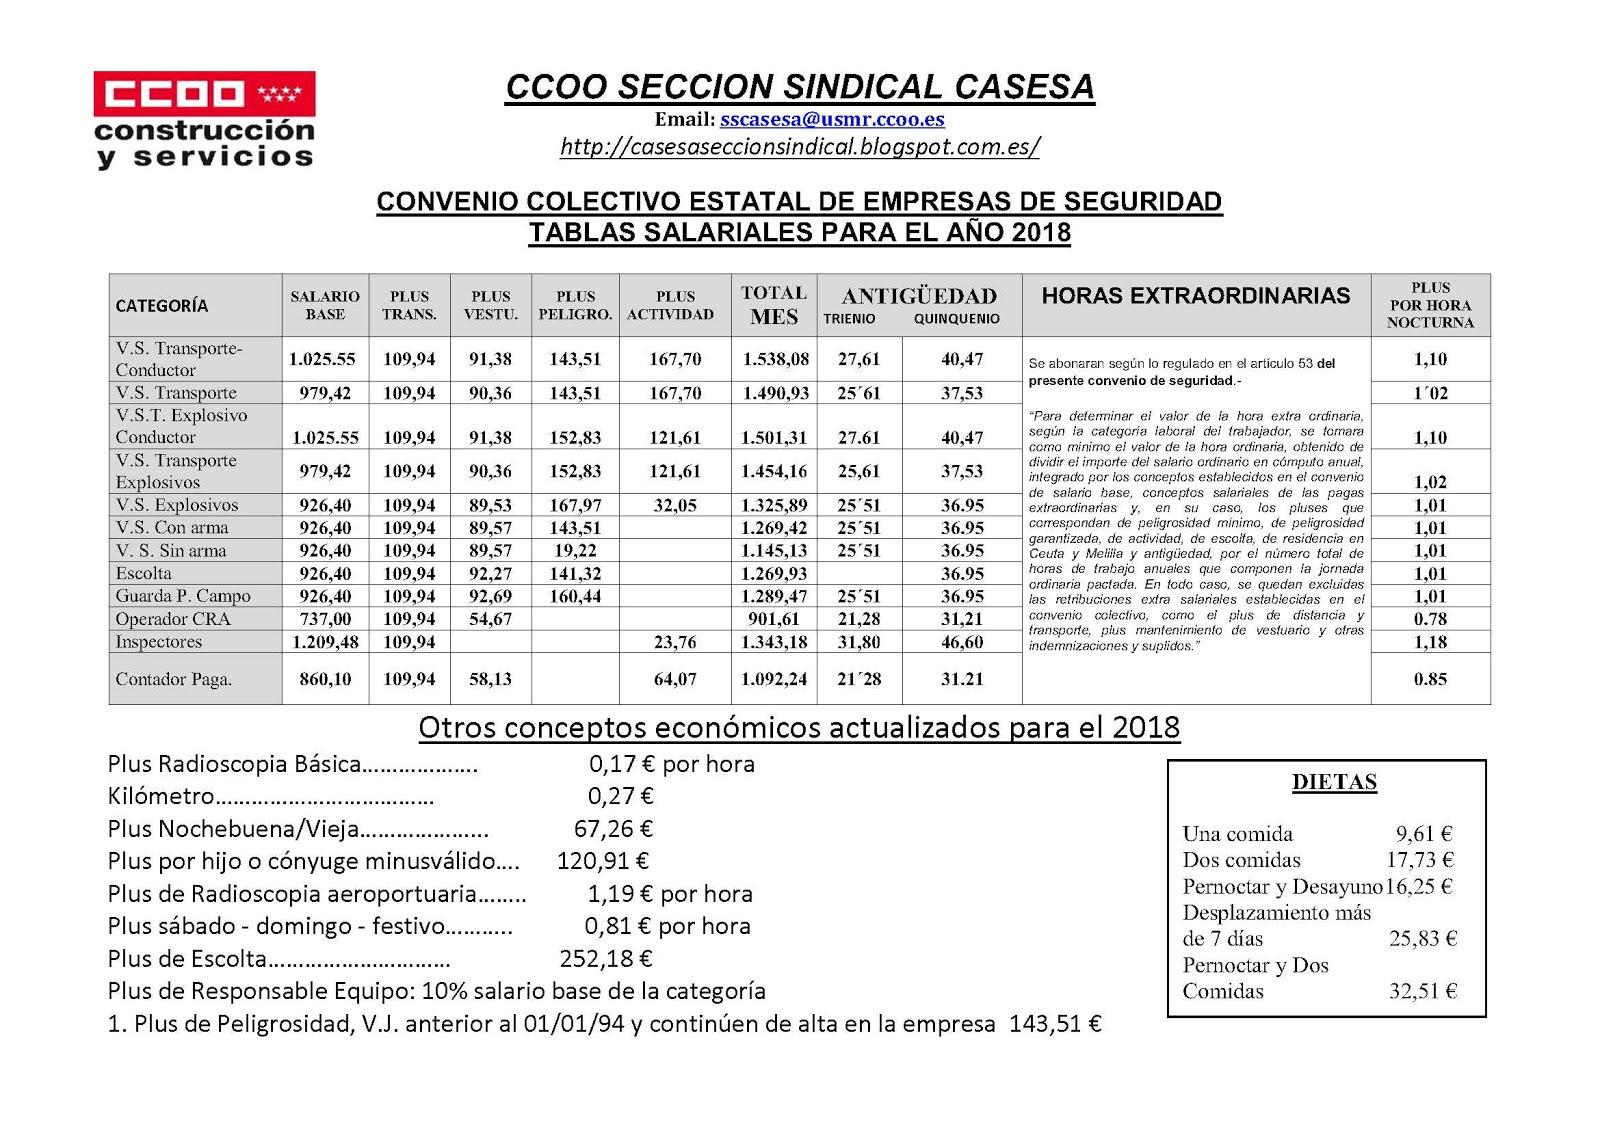 Tablas Salariales 2018 (PDF)